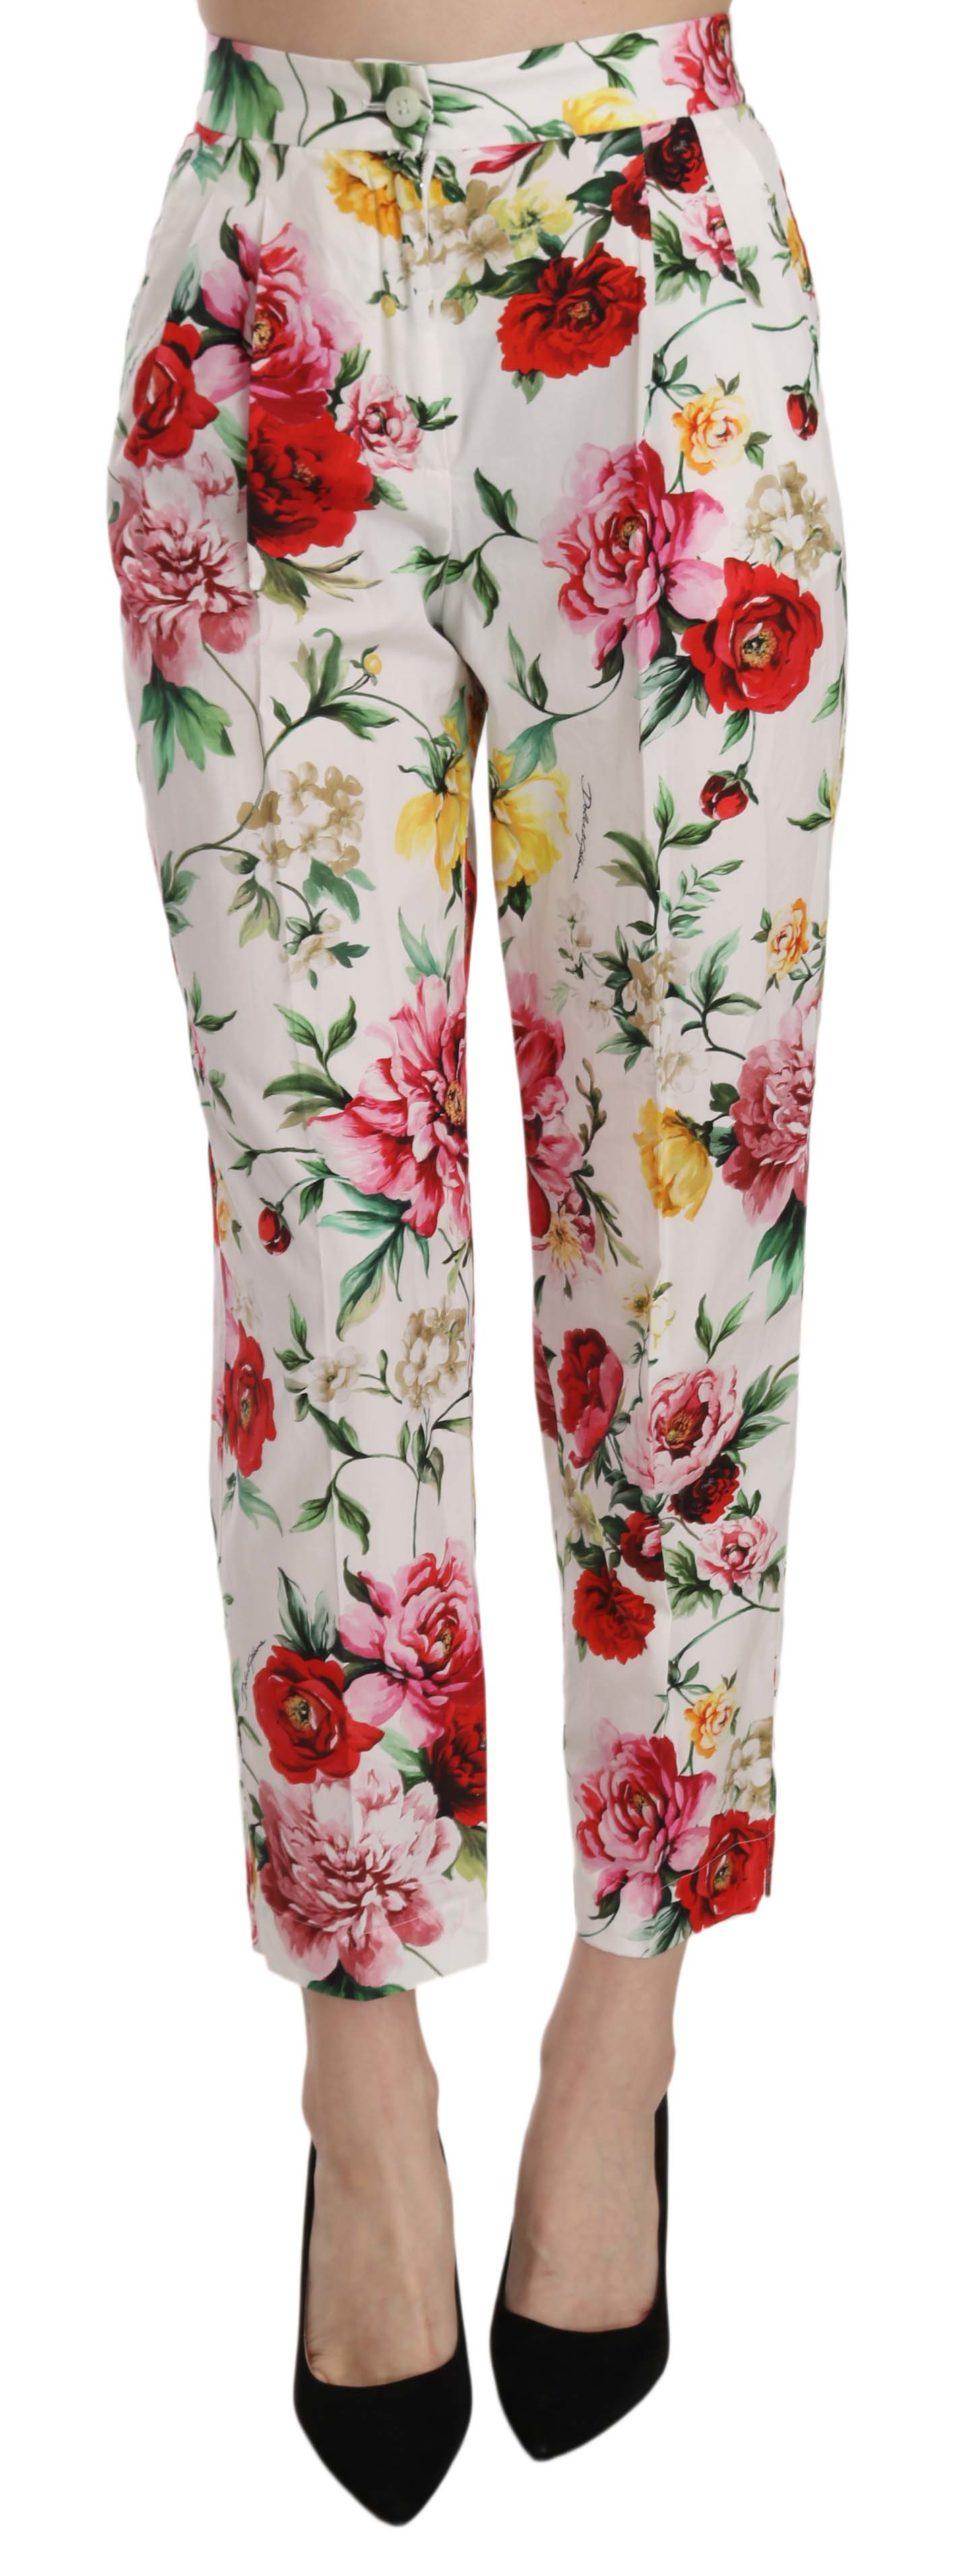 Dolce & Gabbana Women's Floral Cotton Cropped Trousers White PAN70275 - IT36 | XS